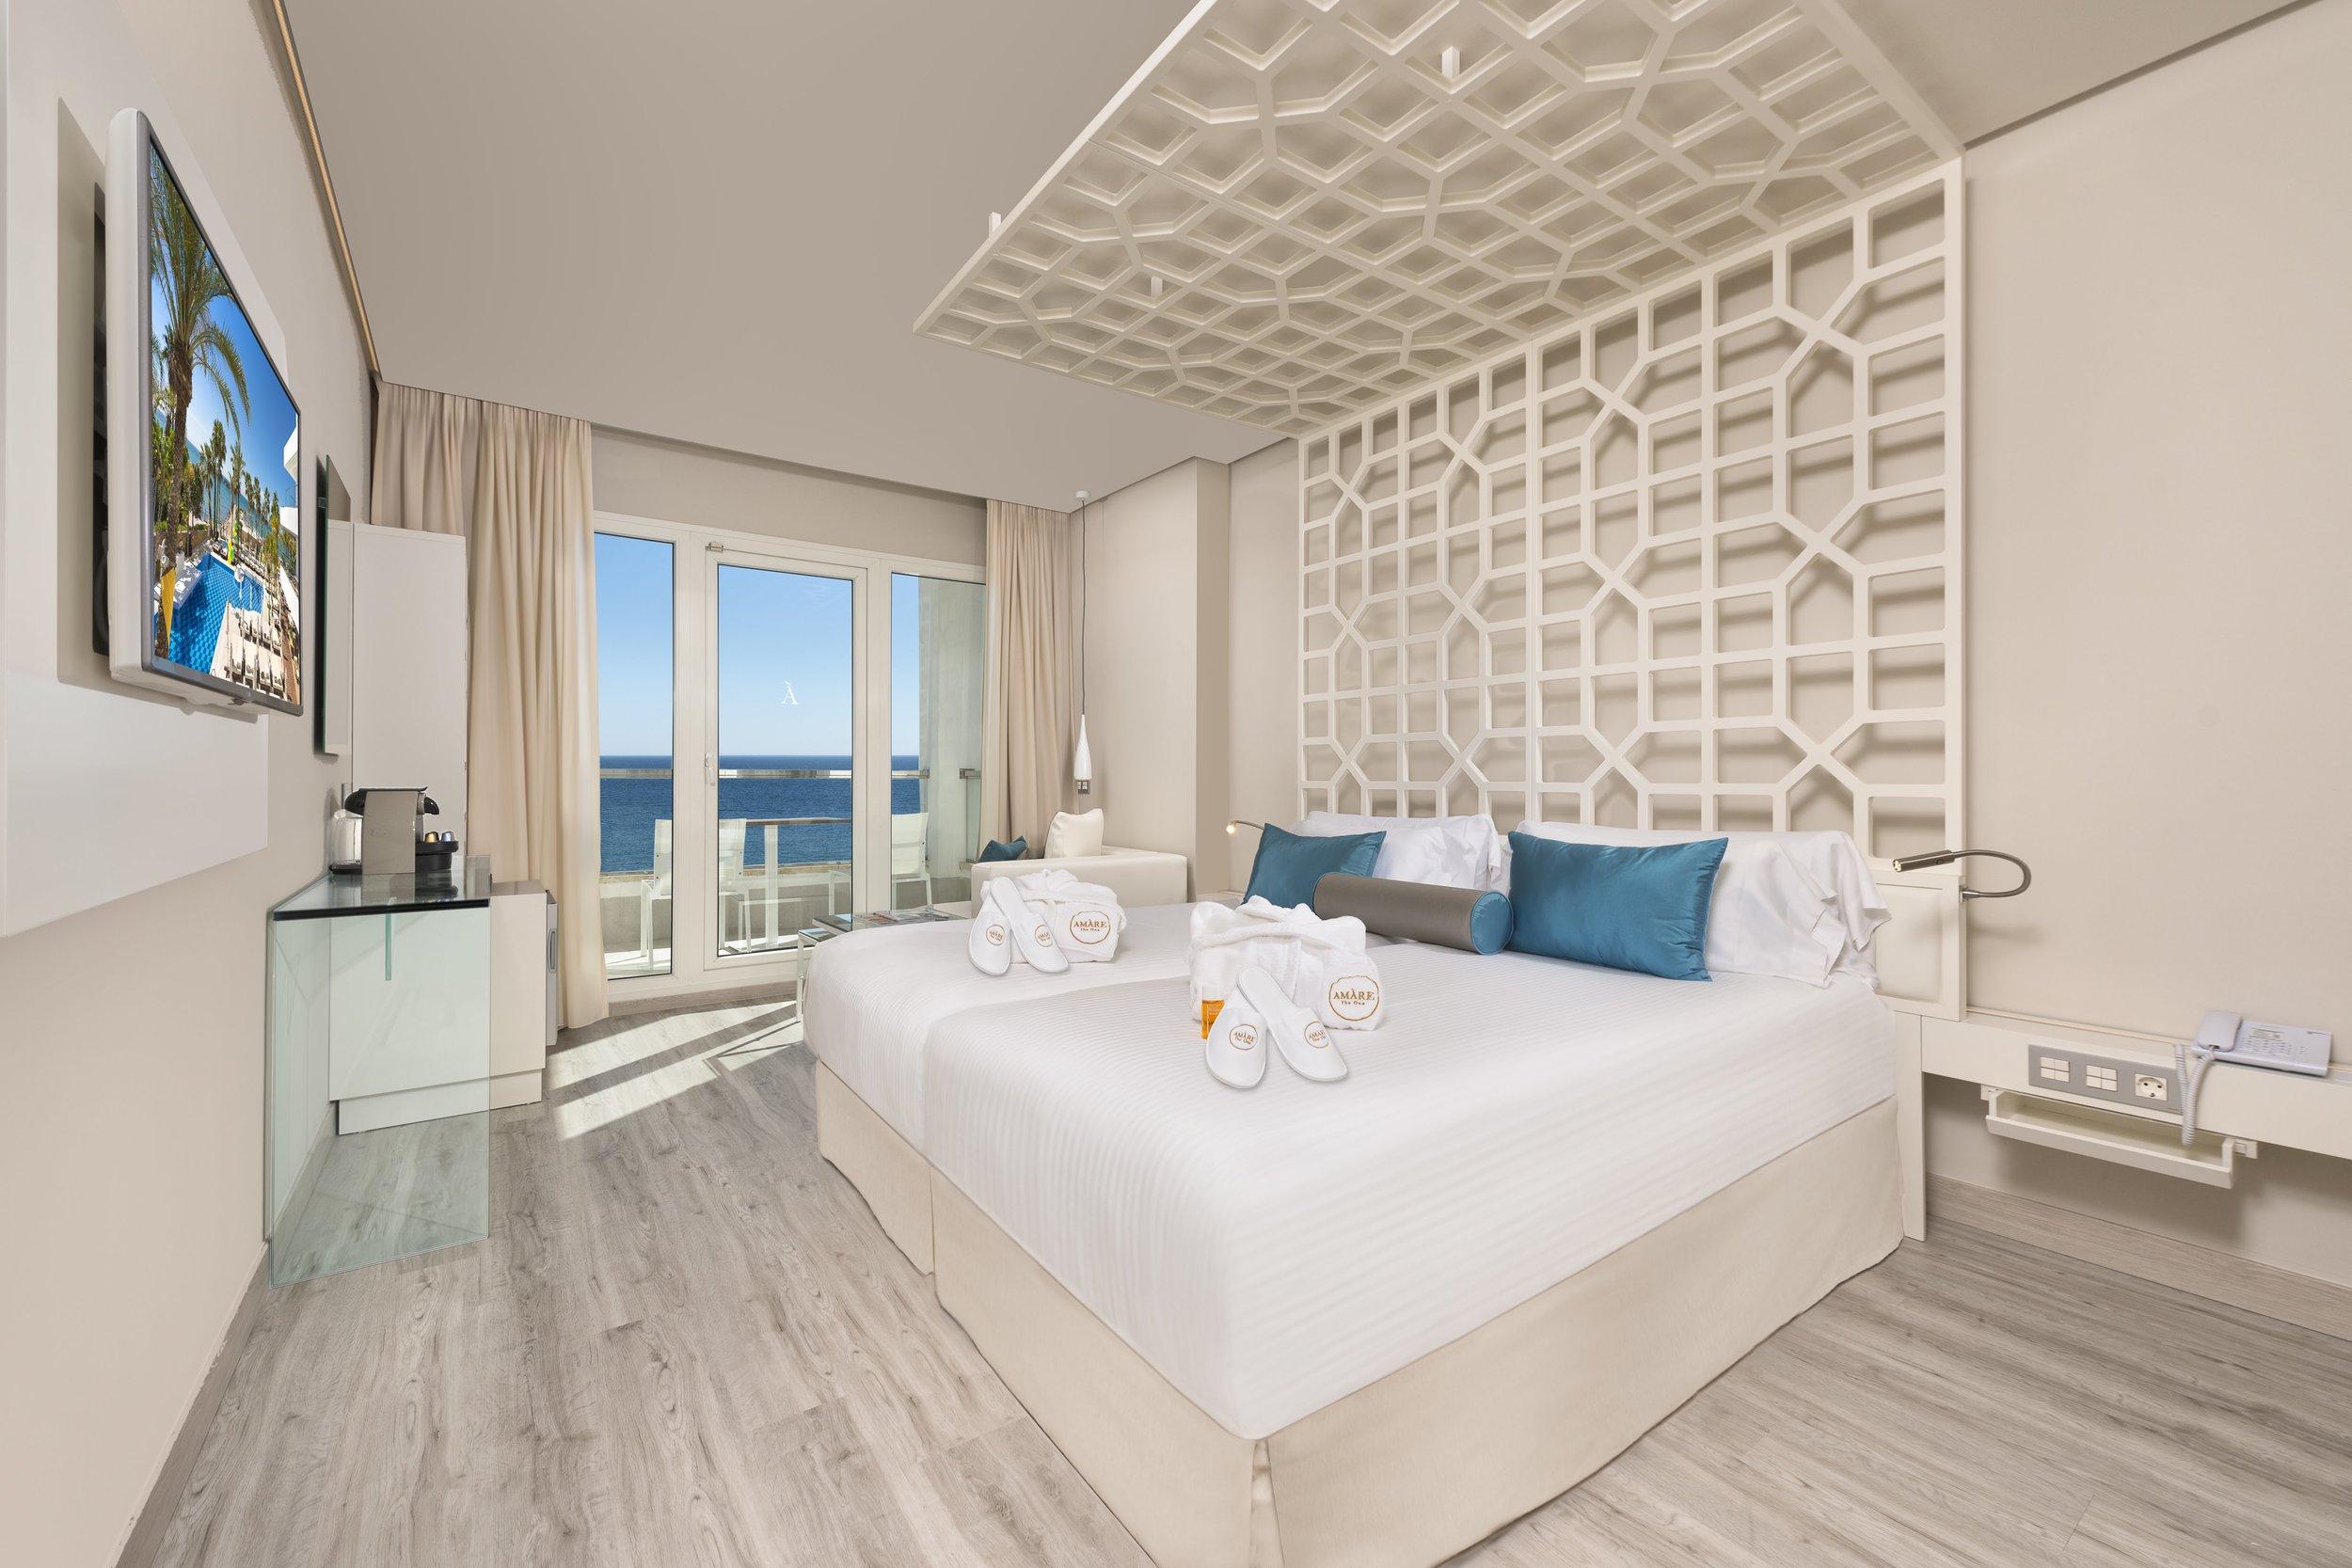 Amare Beach Hotel Marbella, Oh La La The One